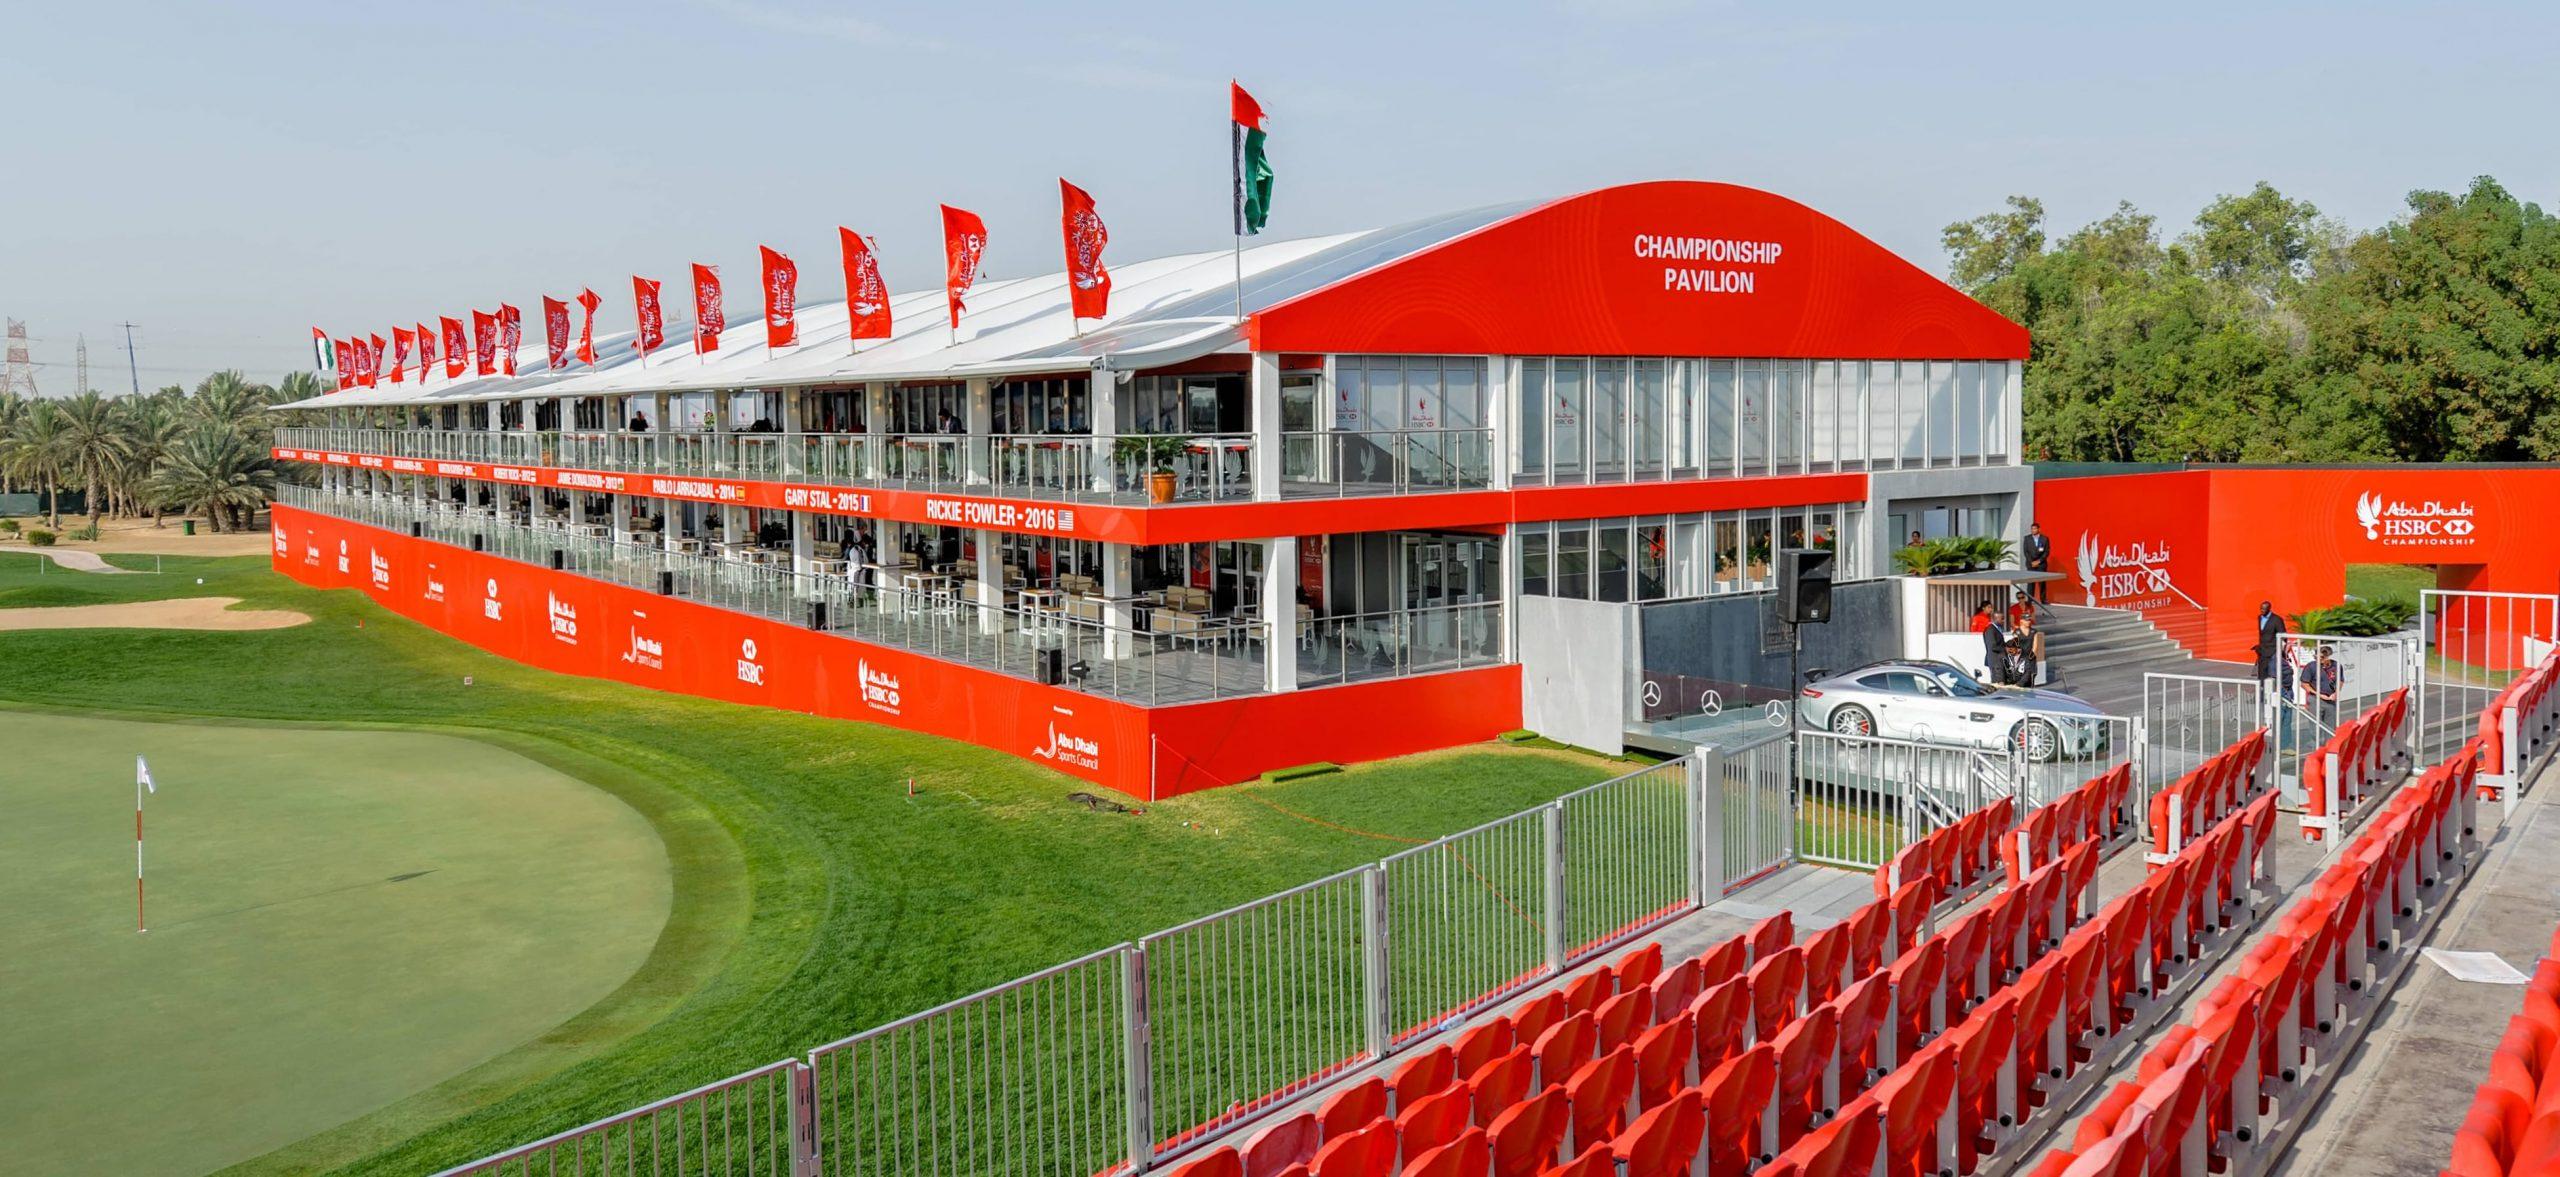 Champion pavilion